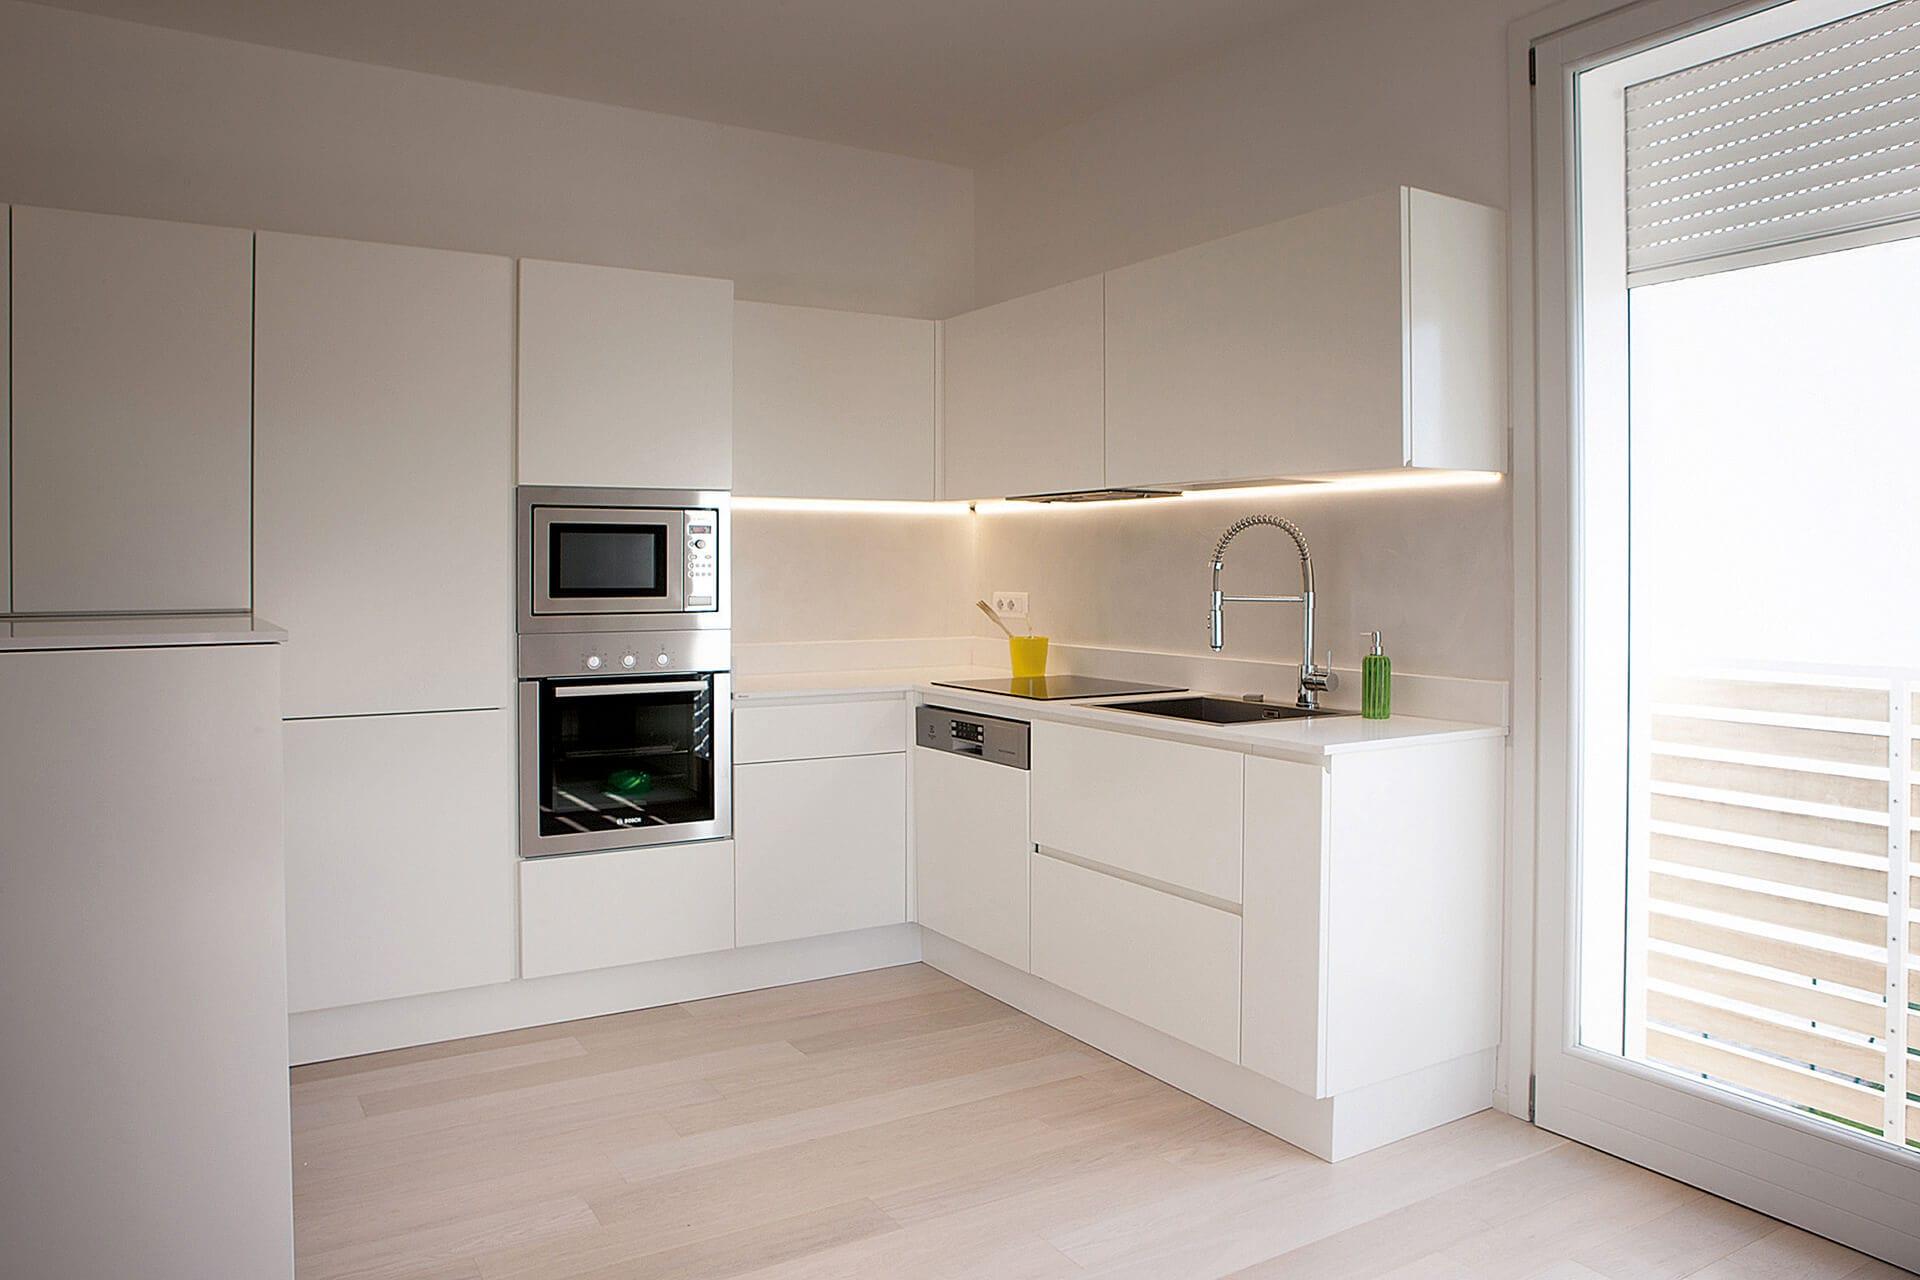 Come posso applicare la resina per pareti? Rivestimento Cucina In Resina Pareti In Resina Resingroup